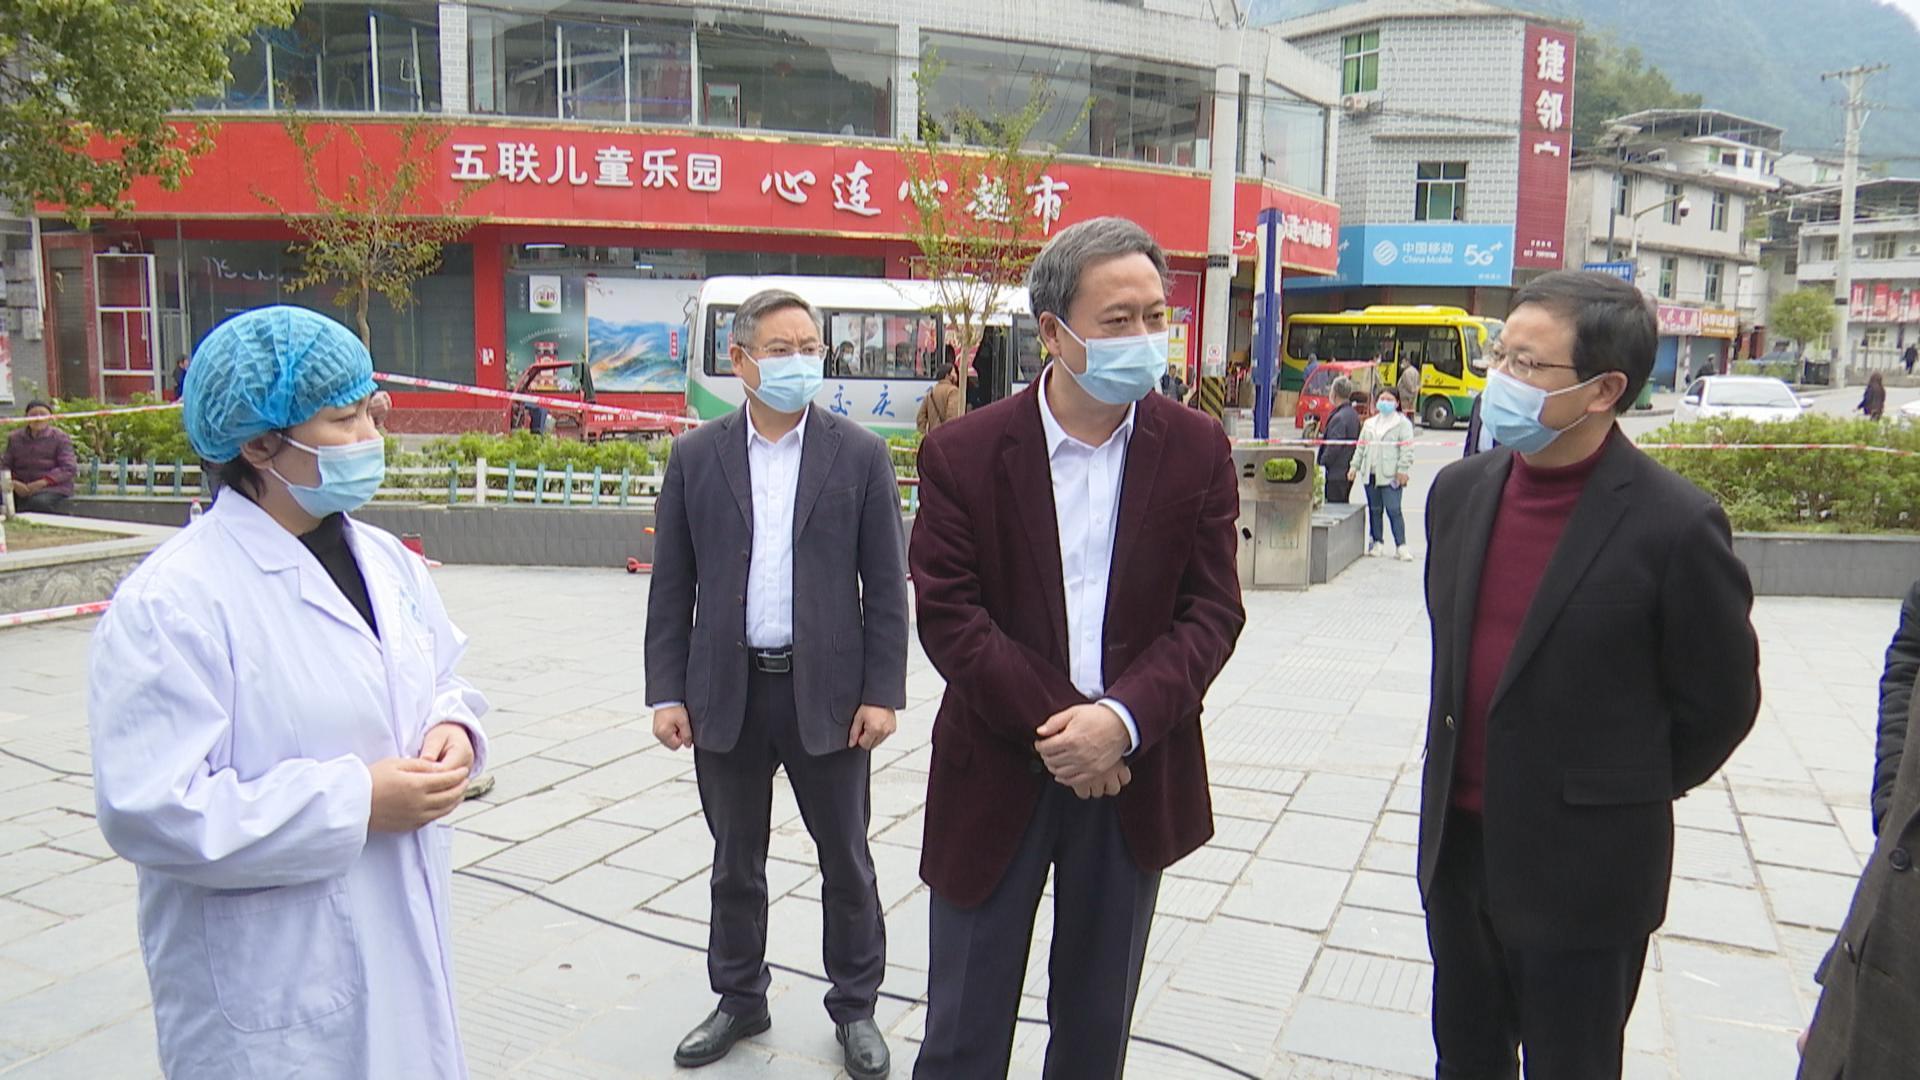 徐江到城东街道石会镇中塘镇检查疫情防控工作